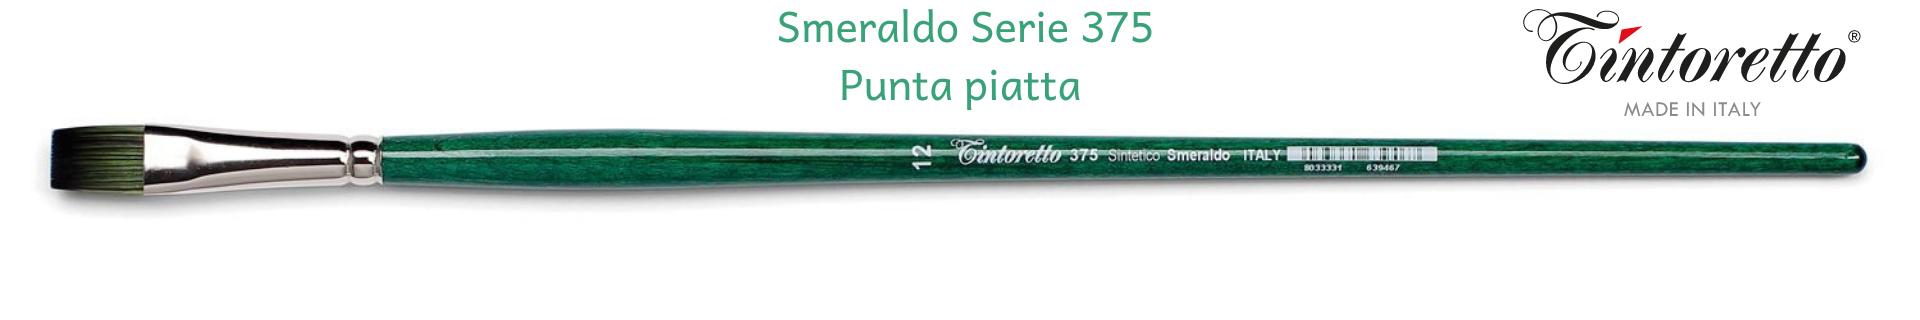 Tintoretto Smeraldo 375 Piatti